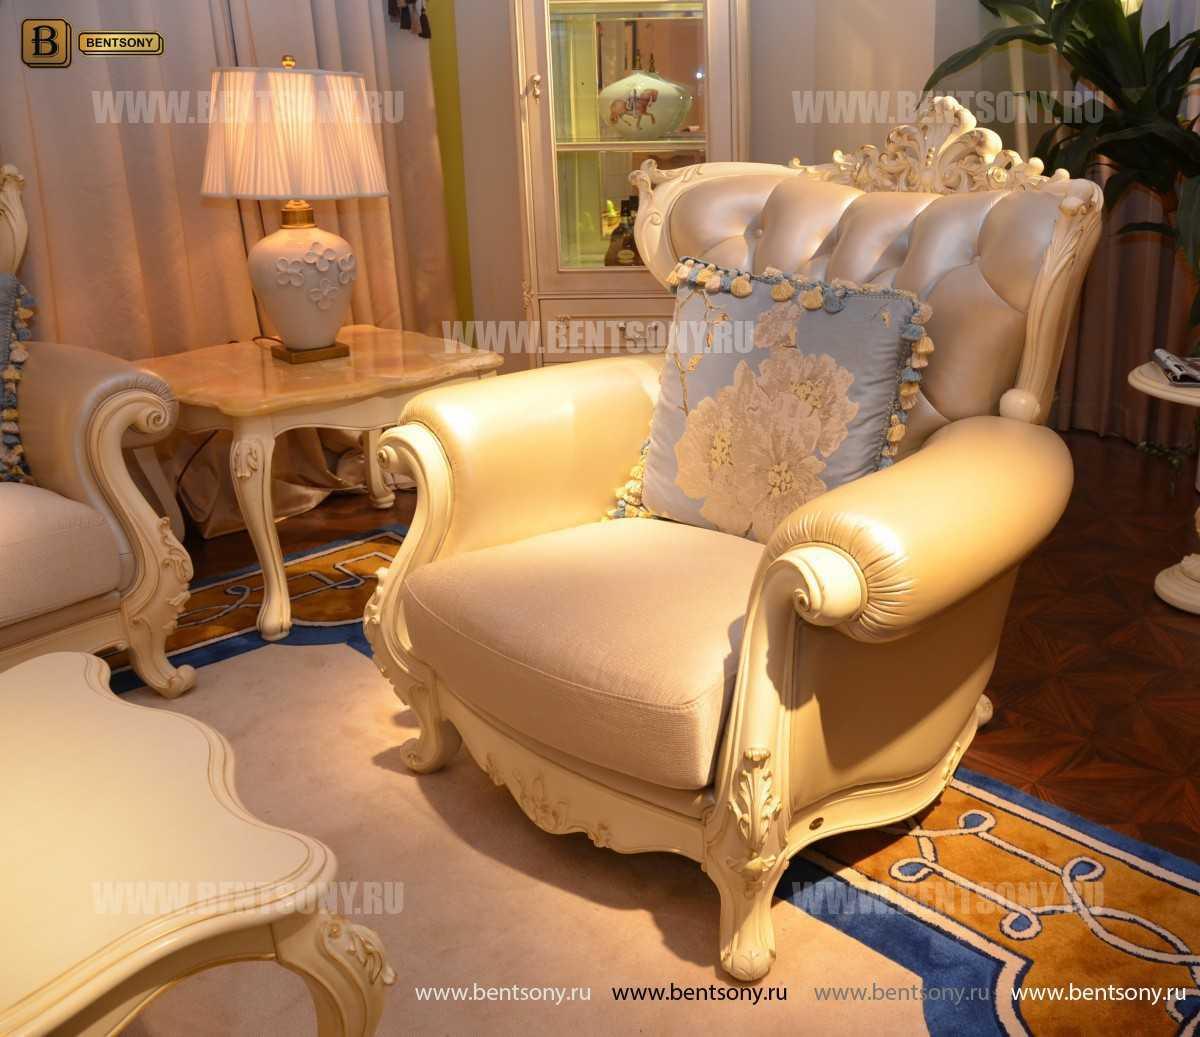 Кресло Митчел D (Классика, Ткань, Натуральная кожа) купить в СПб